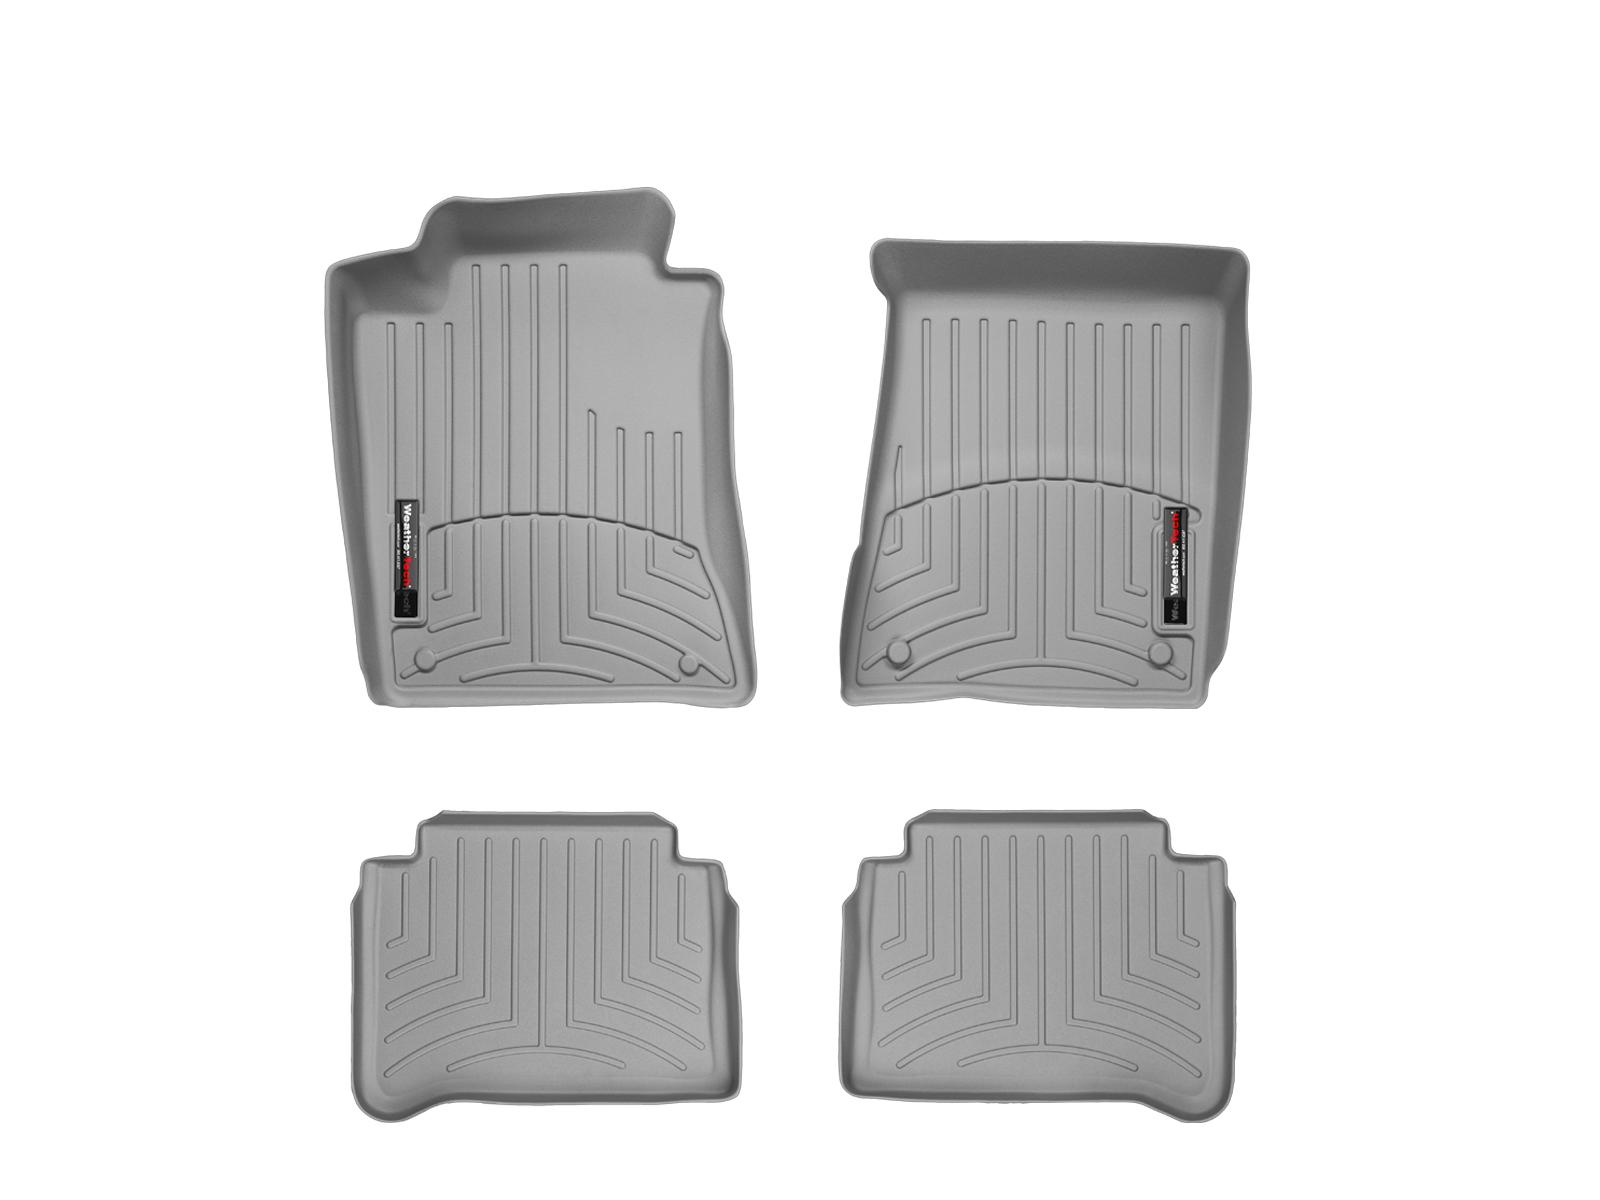 Tappeti gomma su misura bordo alto Mercedes E-Class 03>09 Grigio A2362*